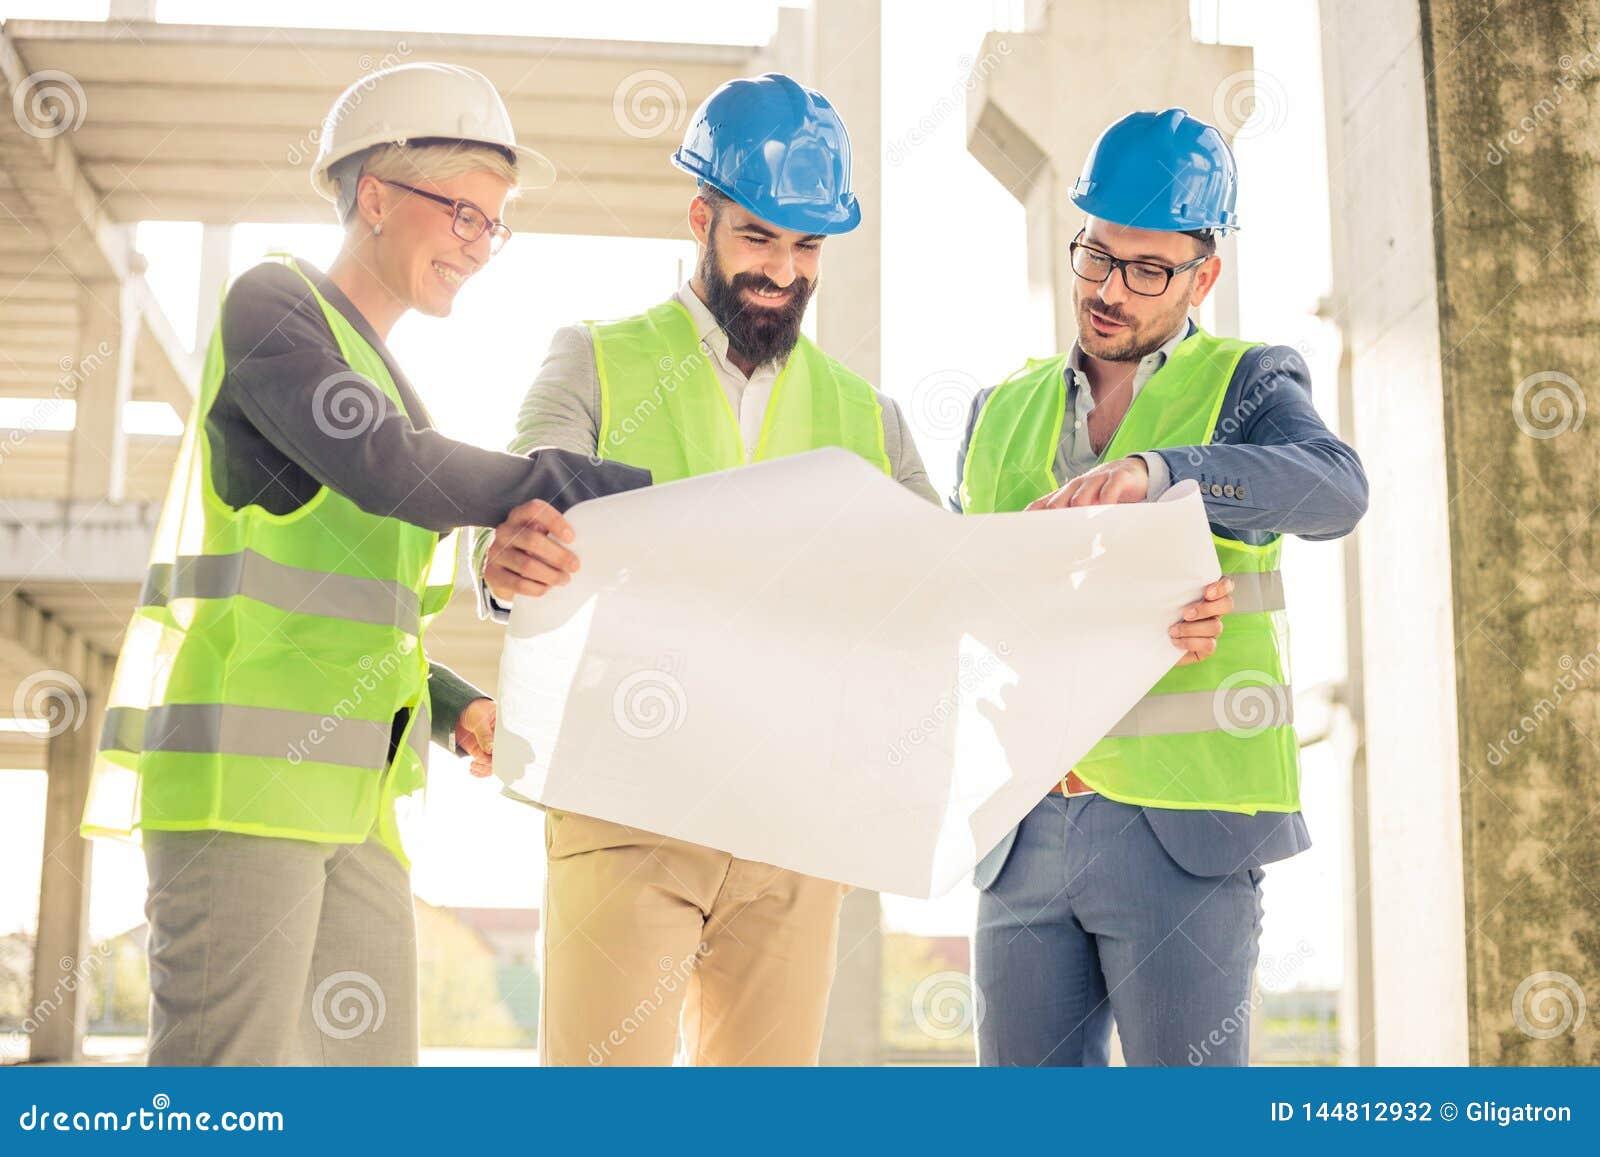 Groupe d architectes ou d associés se réunissant sur un chantier de construction